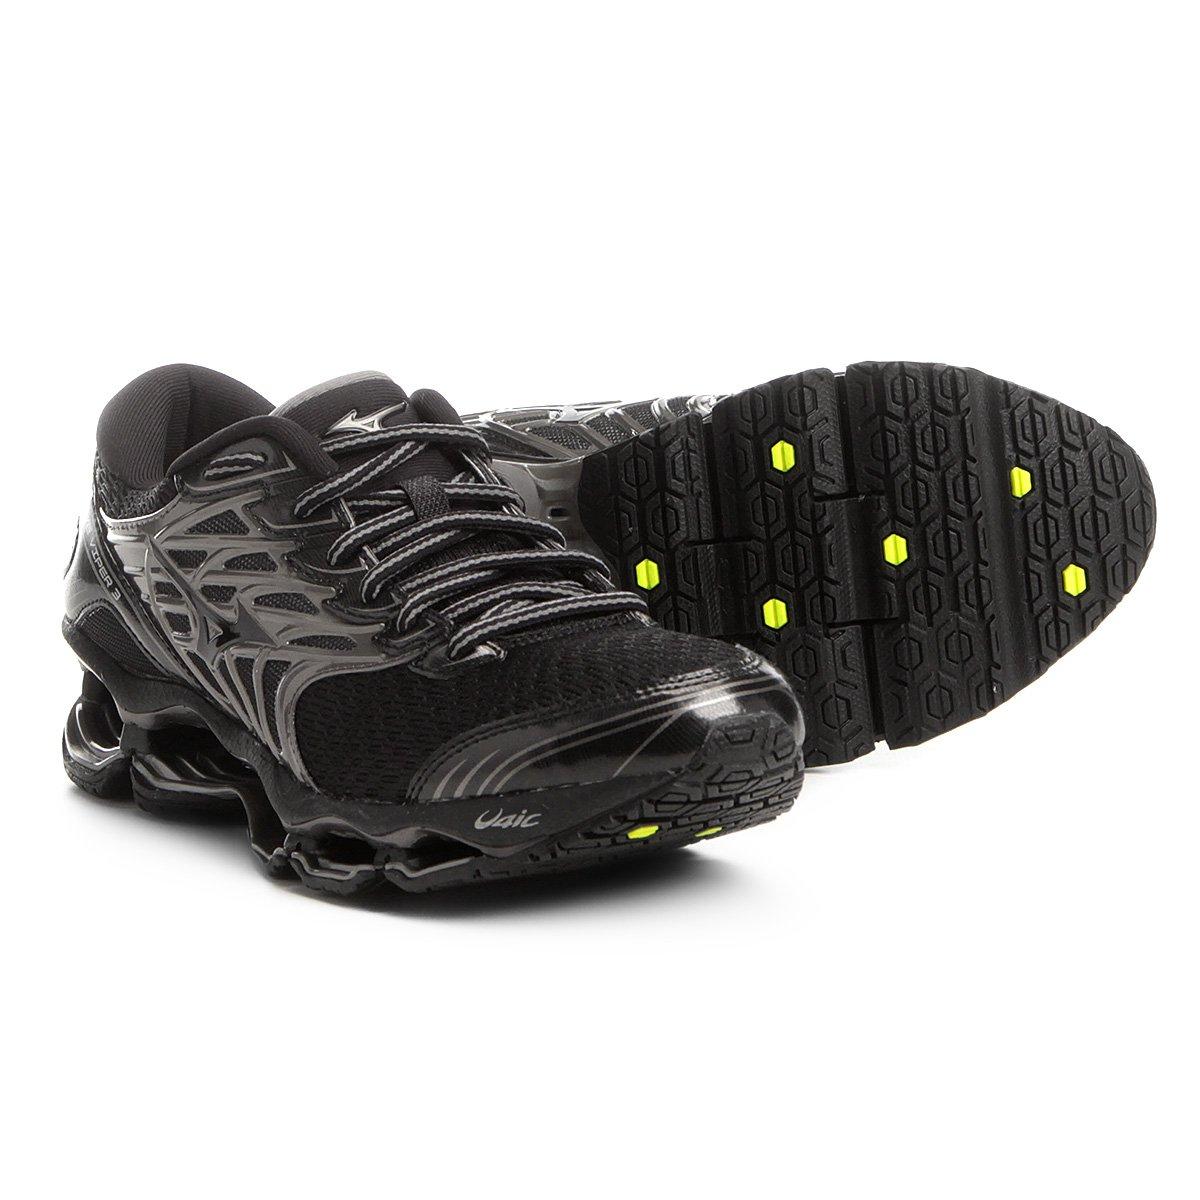 62558a7295769 FornecedorNetshoes. Tênis Mizuno Wave Viper 3 Masculino